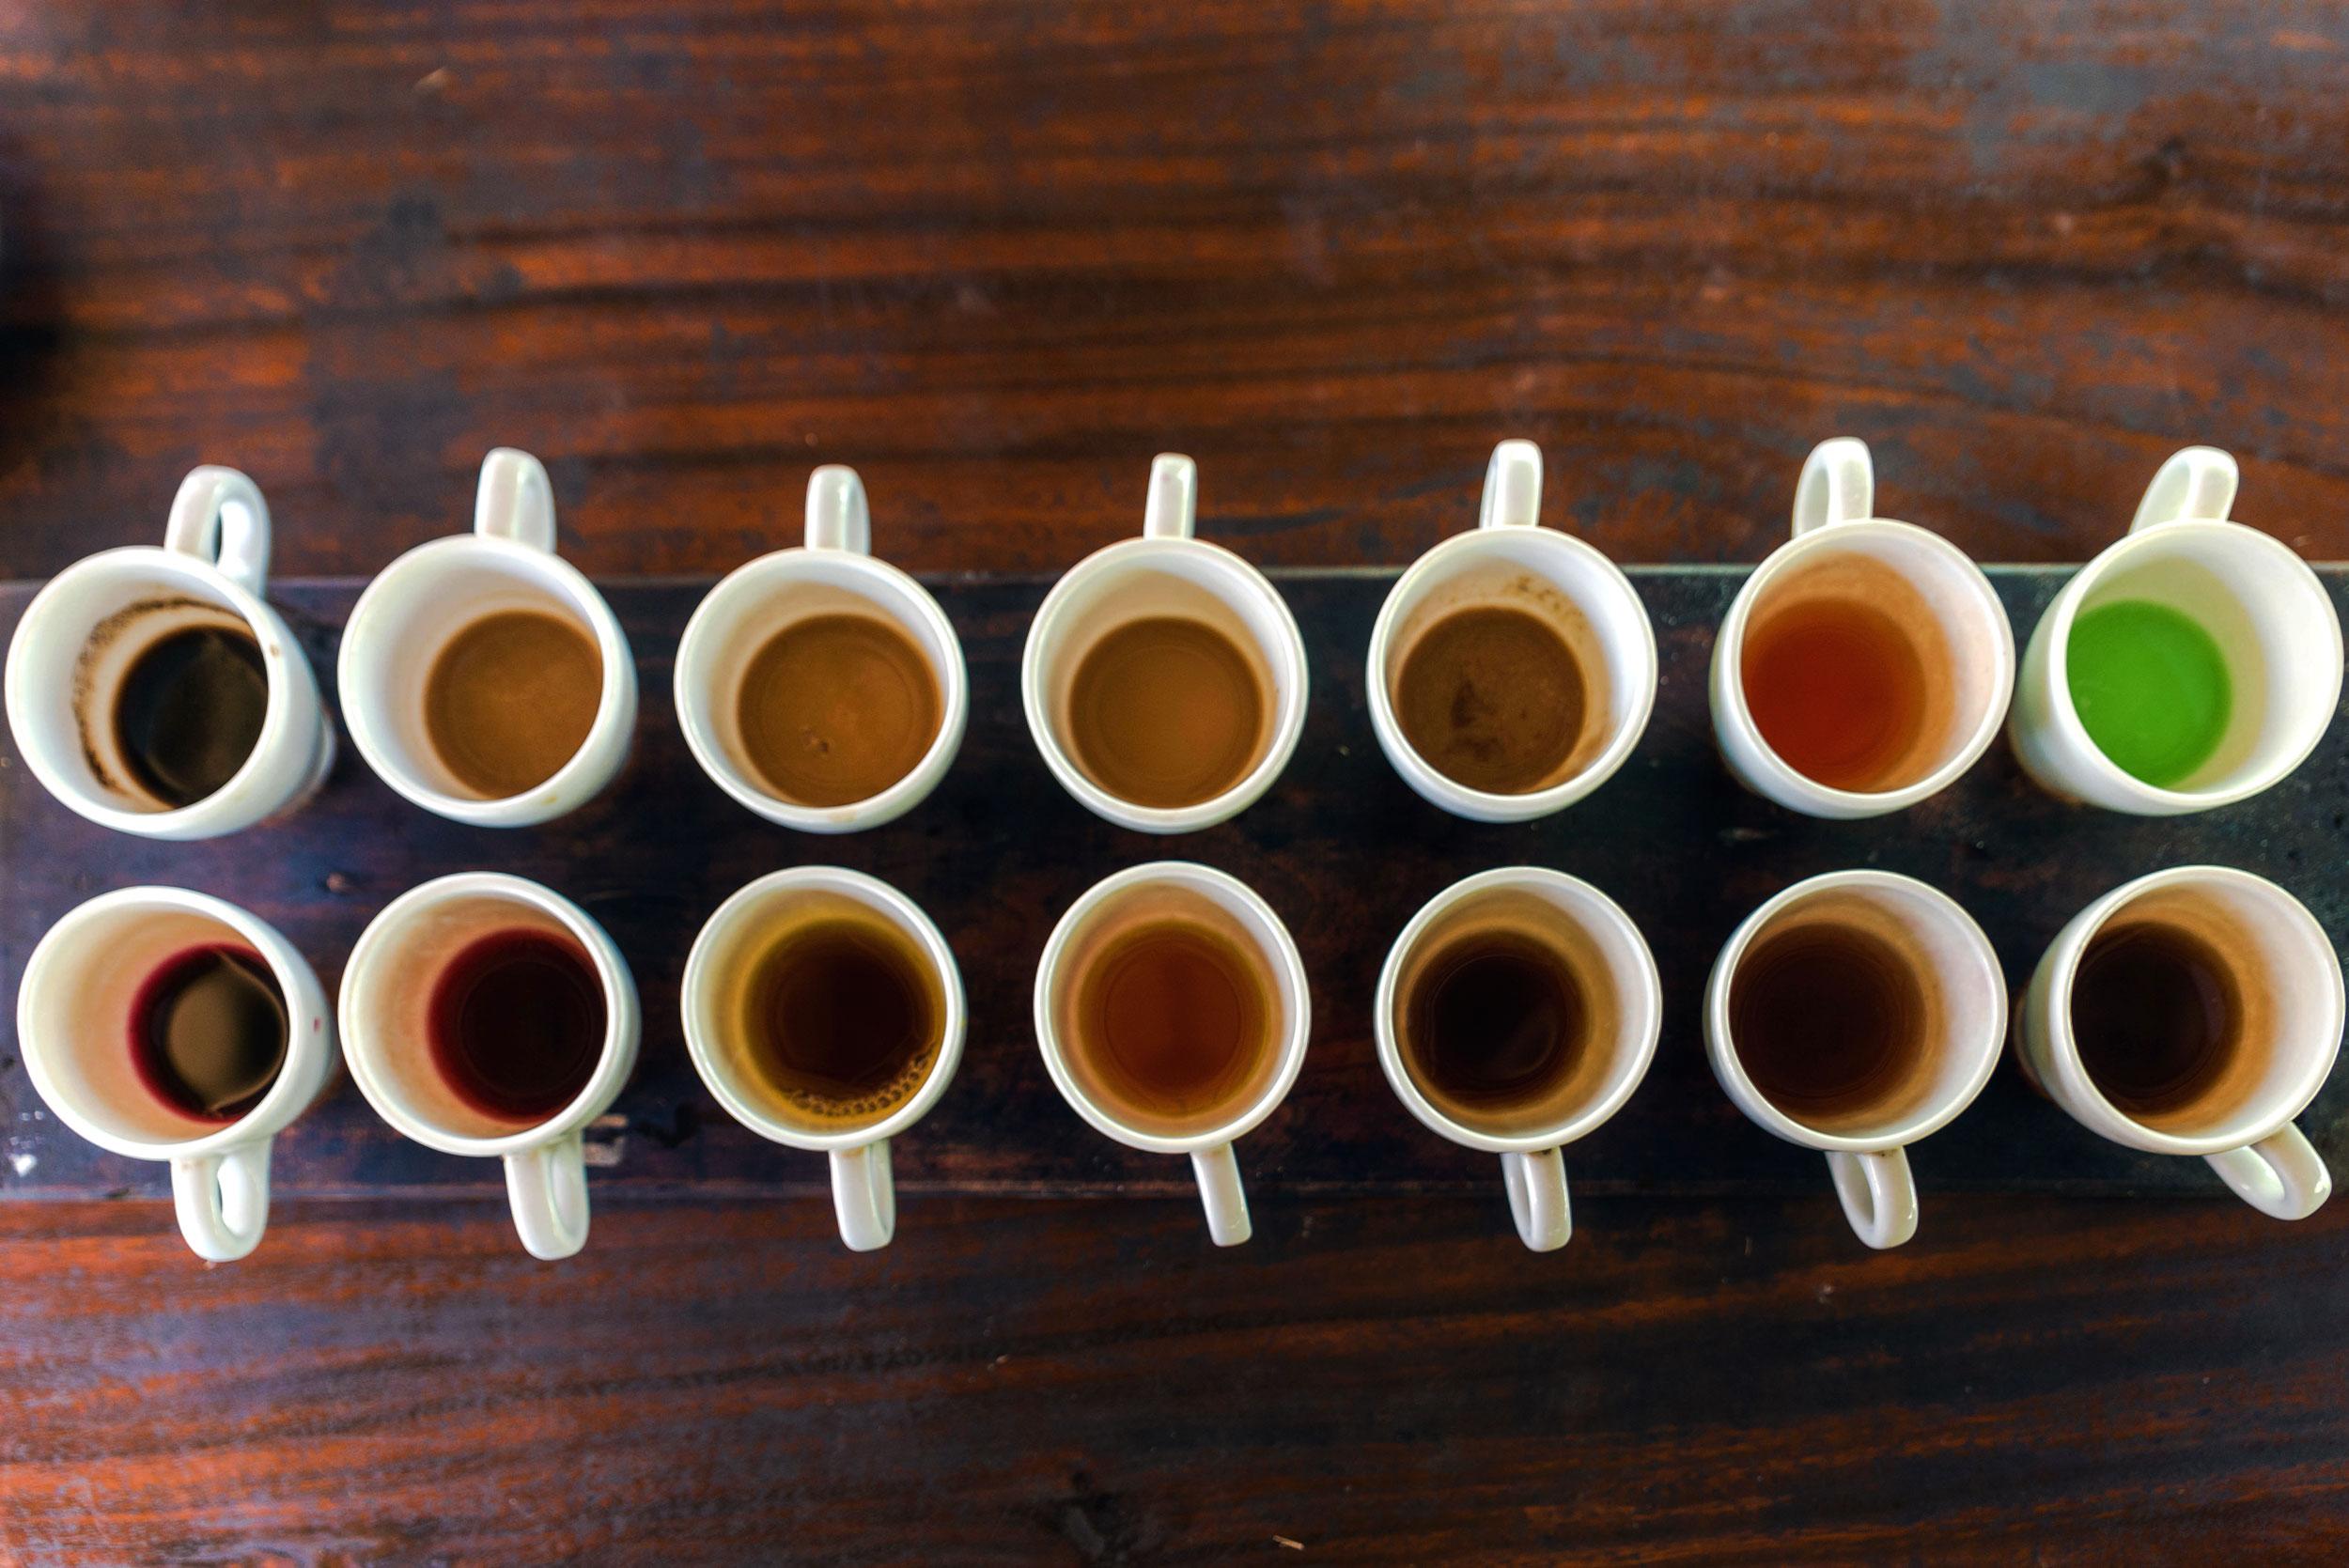 Coffee and tea tasting at Uma Pakel in Ubud, Bali